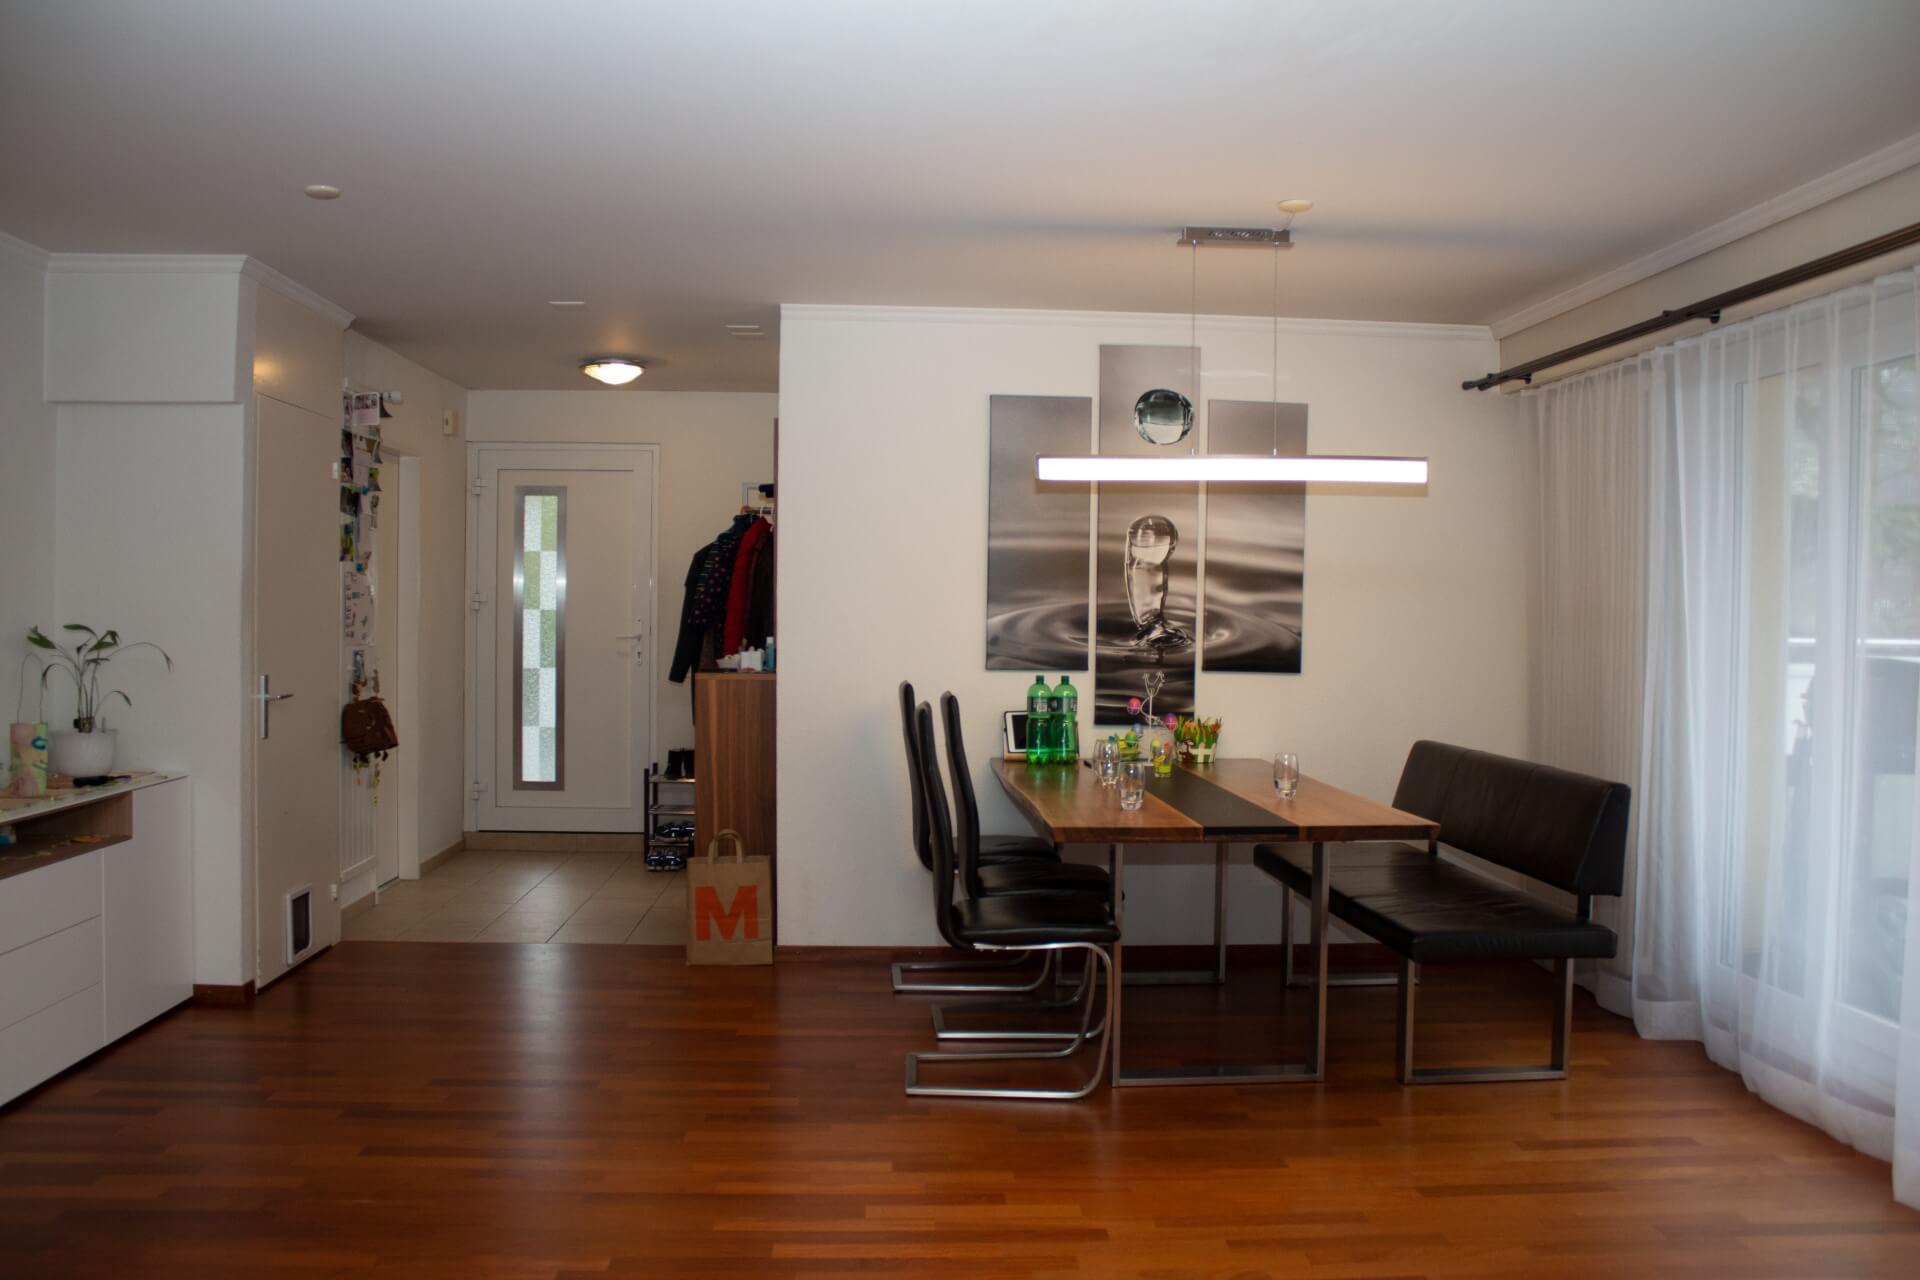 Perspektive von Wohnraum aus in Richtung Küchenbereich. Links befindet sich die weisse Eingangstür mit einem satiniertem Glaseinsatz. Rechts neben der Tür wurde eine Garderobenständer und darunterliegend ein dreistöckiger Schuhrost platziert. Weiter erkennt man eine Raum in Raum Situation in der sich die bestehende Küche befindet.  An der Wand die in den Wohnbereich zeigt, hängt mittig ein dreiteiliges, in schwarz/weiss gehaltenes Bild das einen aufschlagenden Wassertropfen zeigt. Direkt an der Wand steht ein massiver Holztisch in Nussbaumoptik der auf der linken Seite von drei schwarzen Stühlen und auf der rechten Seite von einem Bank umringt werden. Über dem Tisch ist eine geradlinige Leuchte montiert.